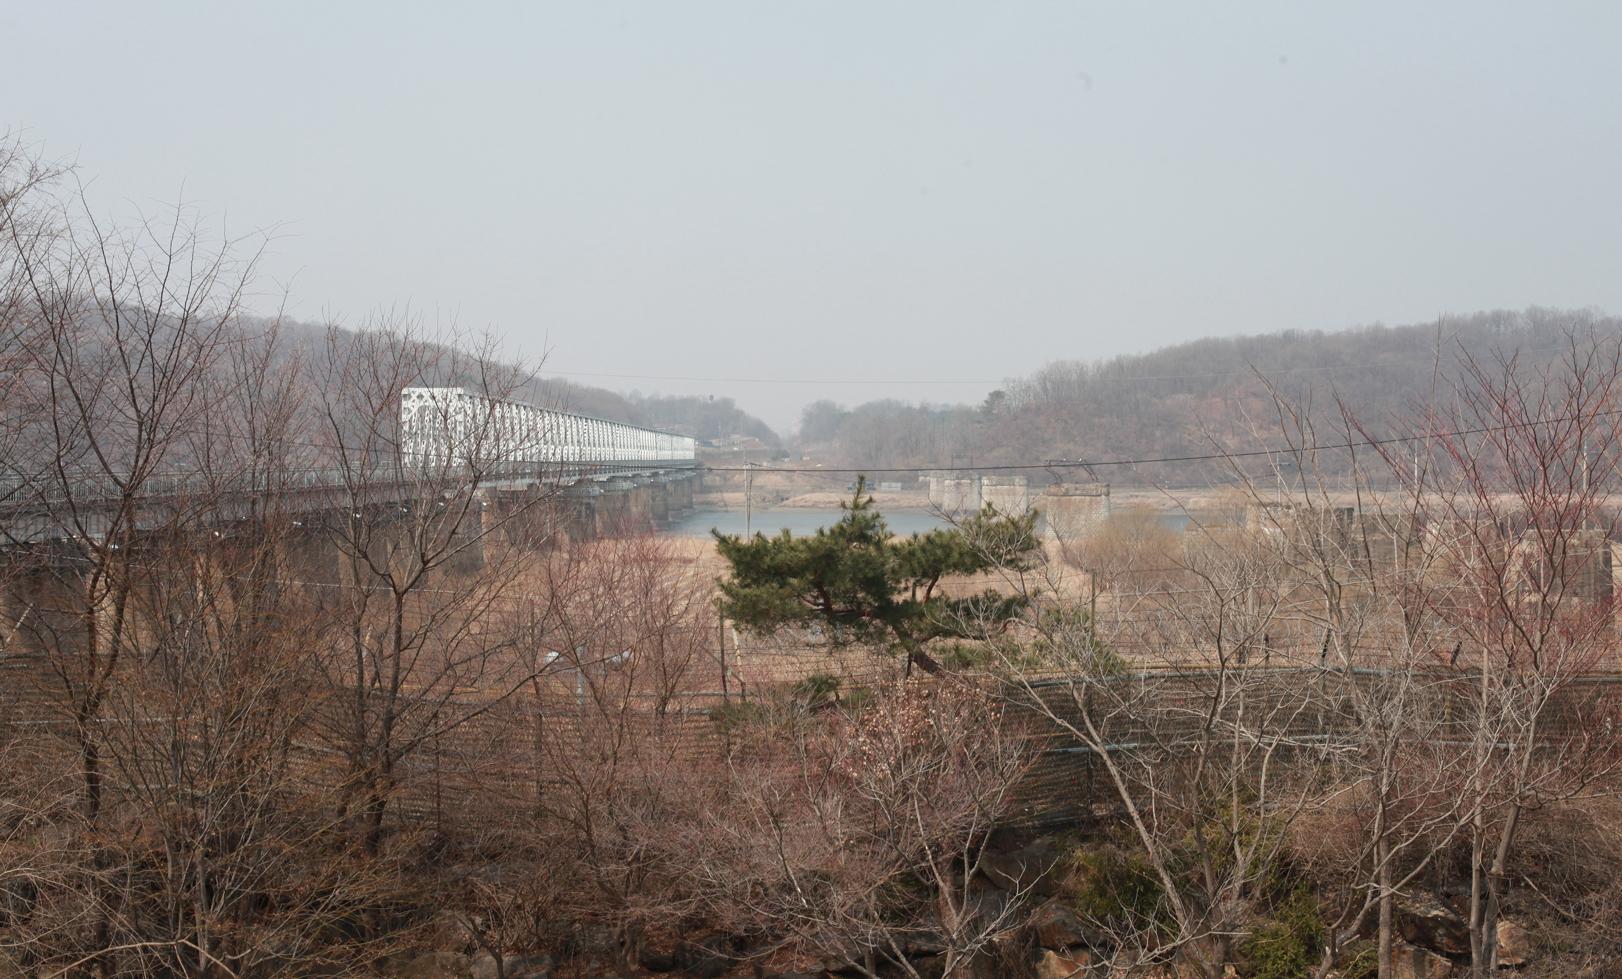 Schienenverkehr in Nordkorea | Nordkorea-Info